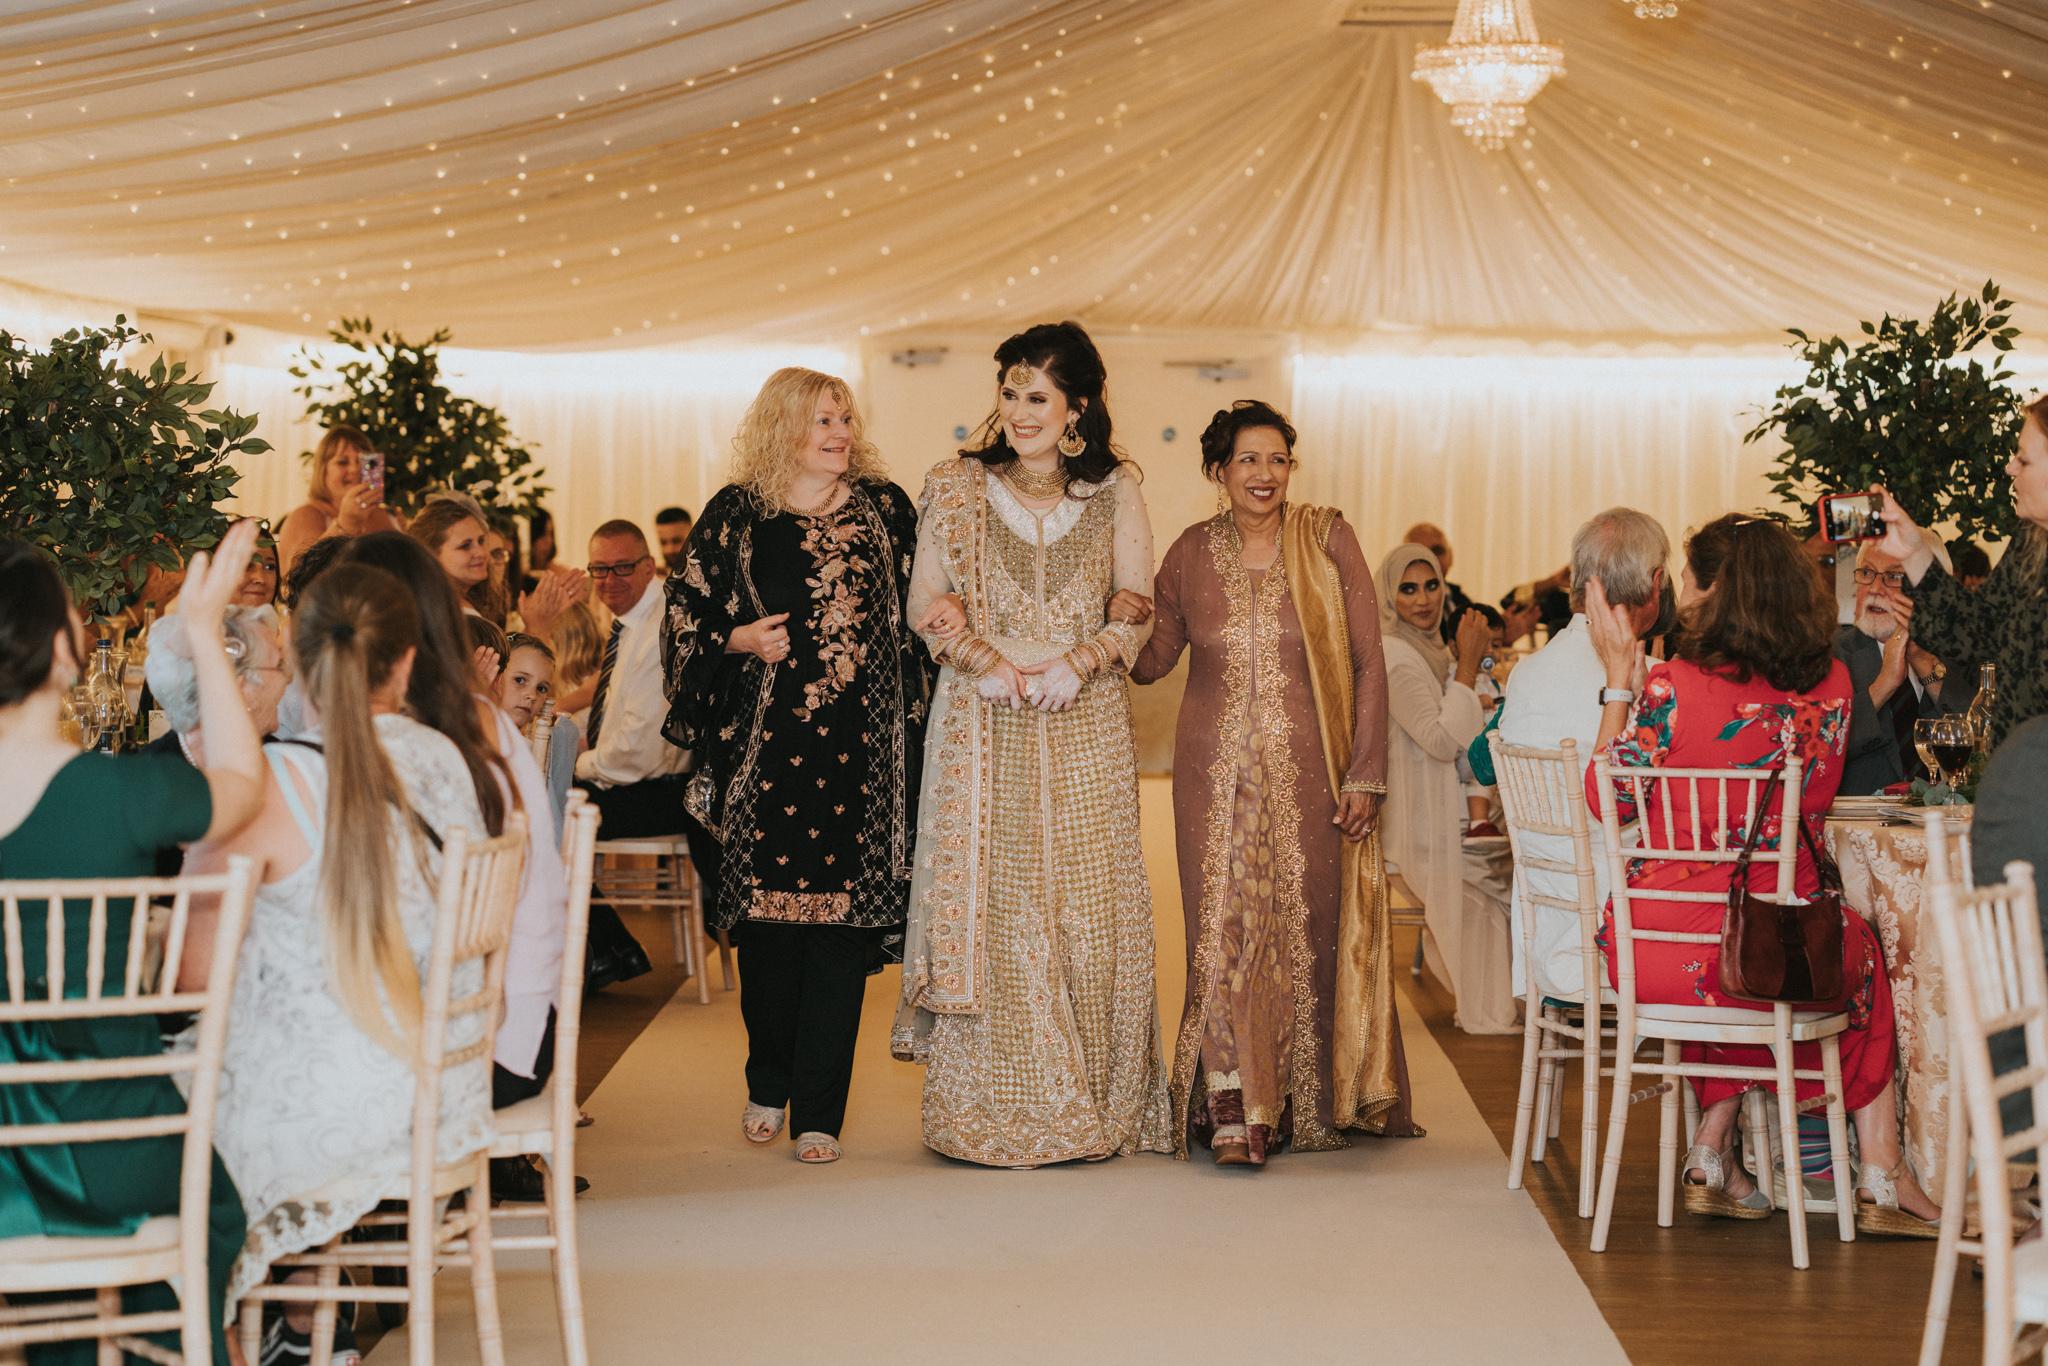 lizzie-faz-fennes-asian-fusion-wedding-grace-elizabeth-colchester-essex-alternative-wedding-lifestyle-photographer-essex-suffolk-norfolk-devon (47 of 55).jpg